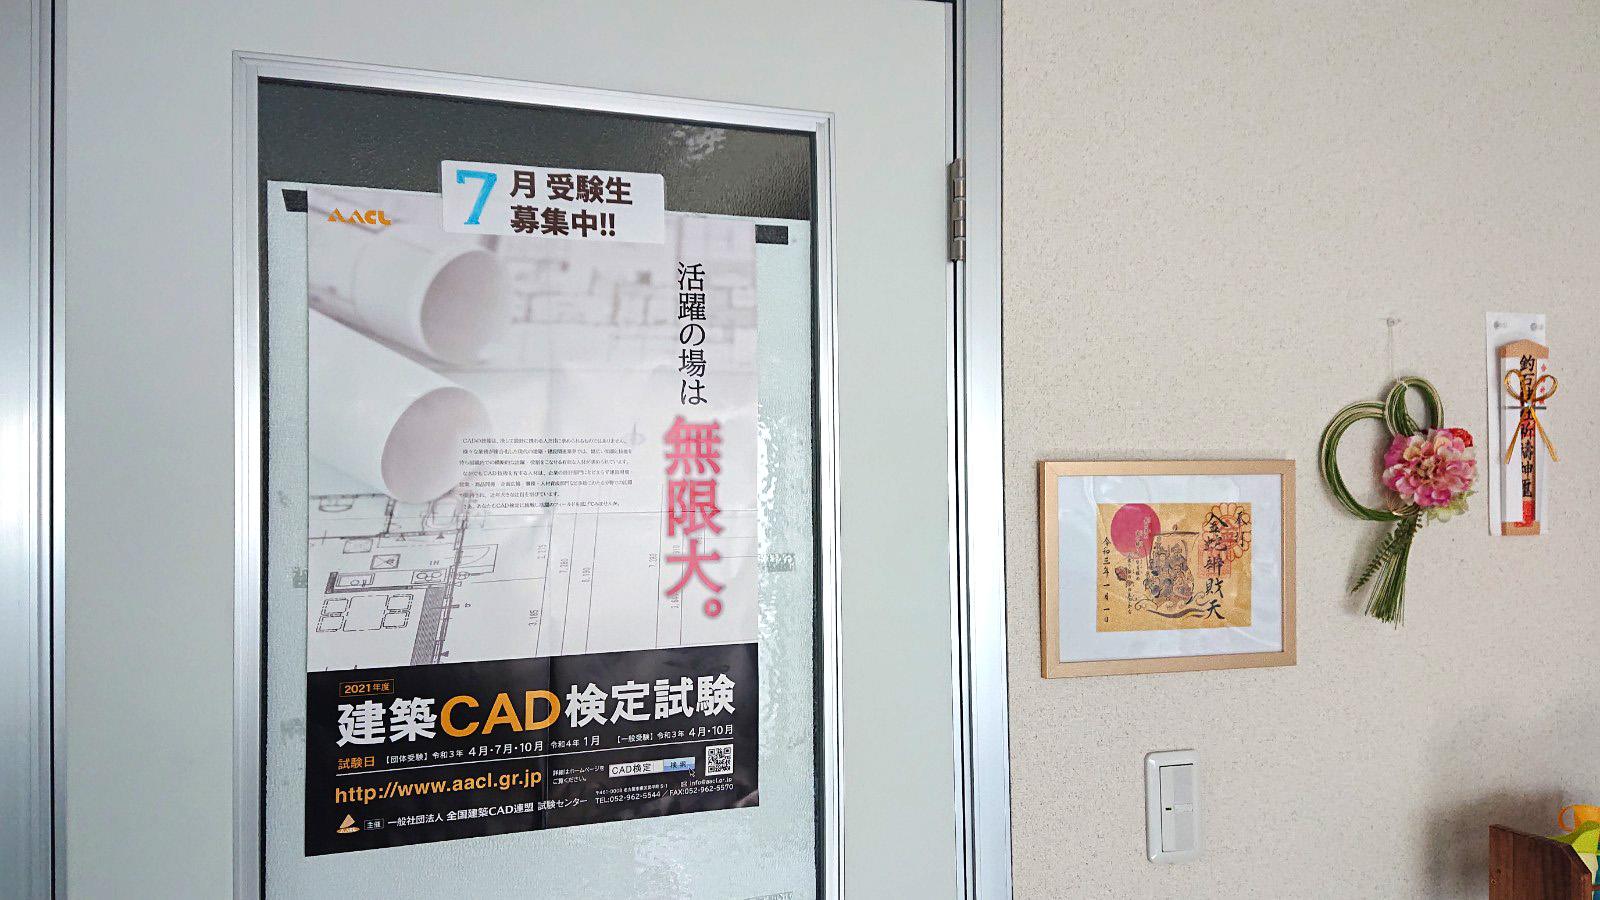 建築CAD検定試験poster